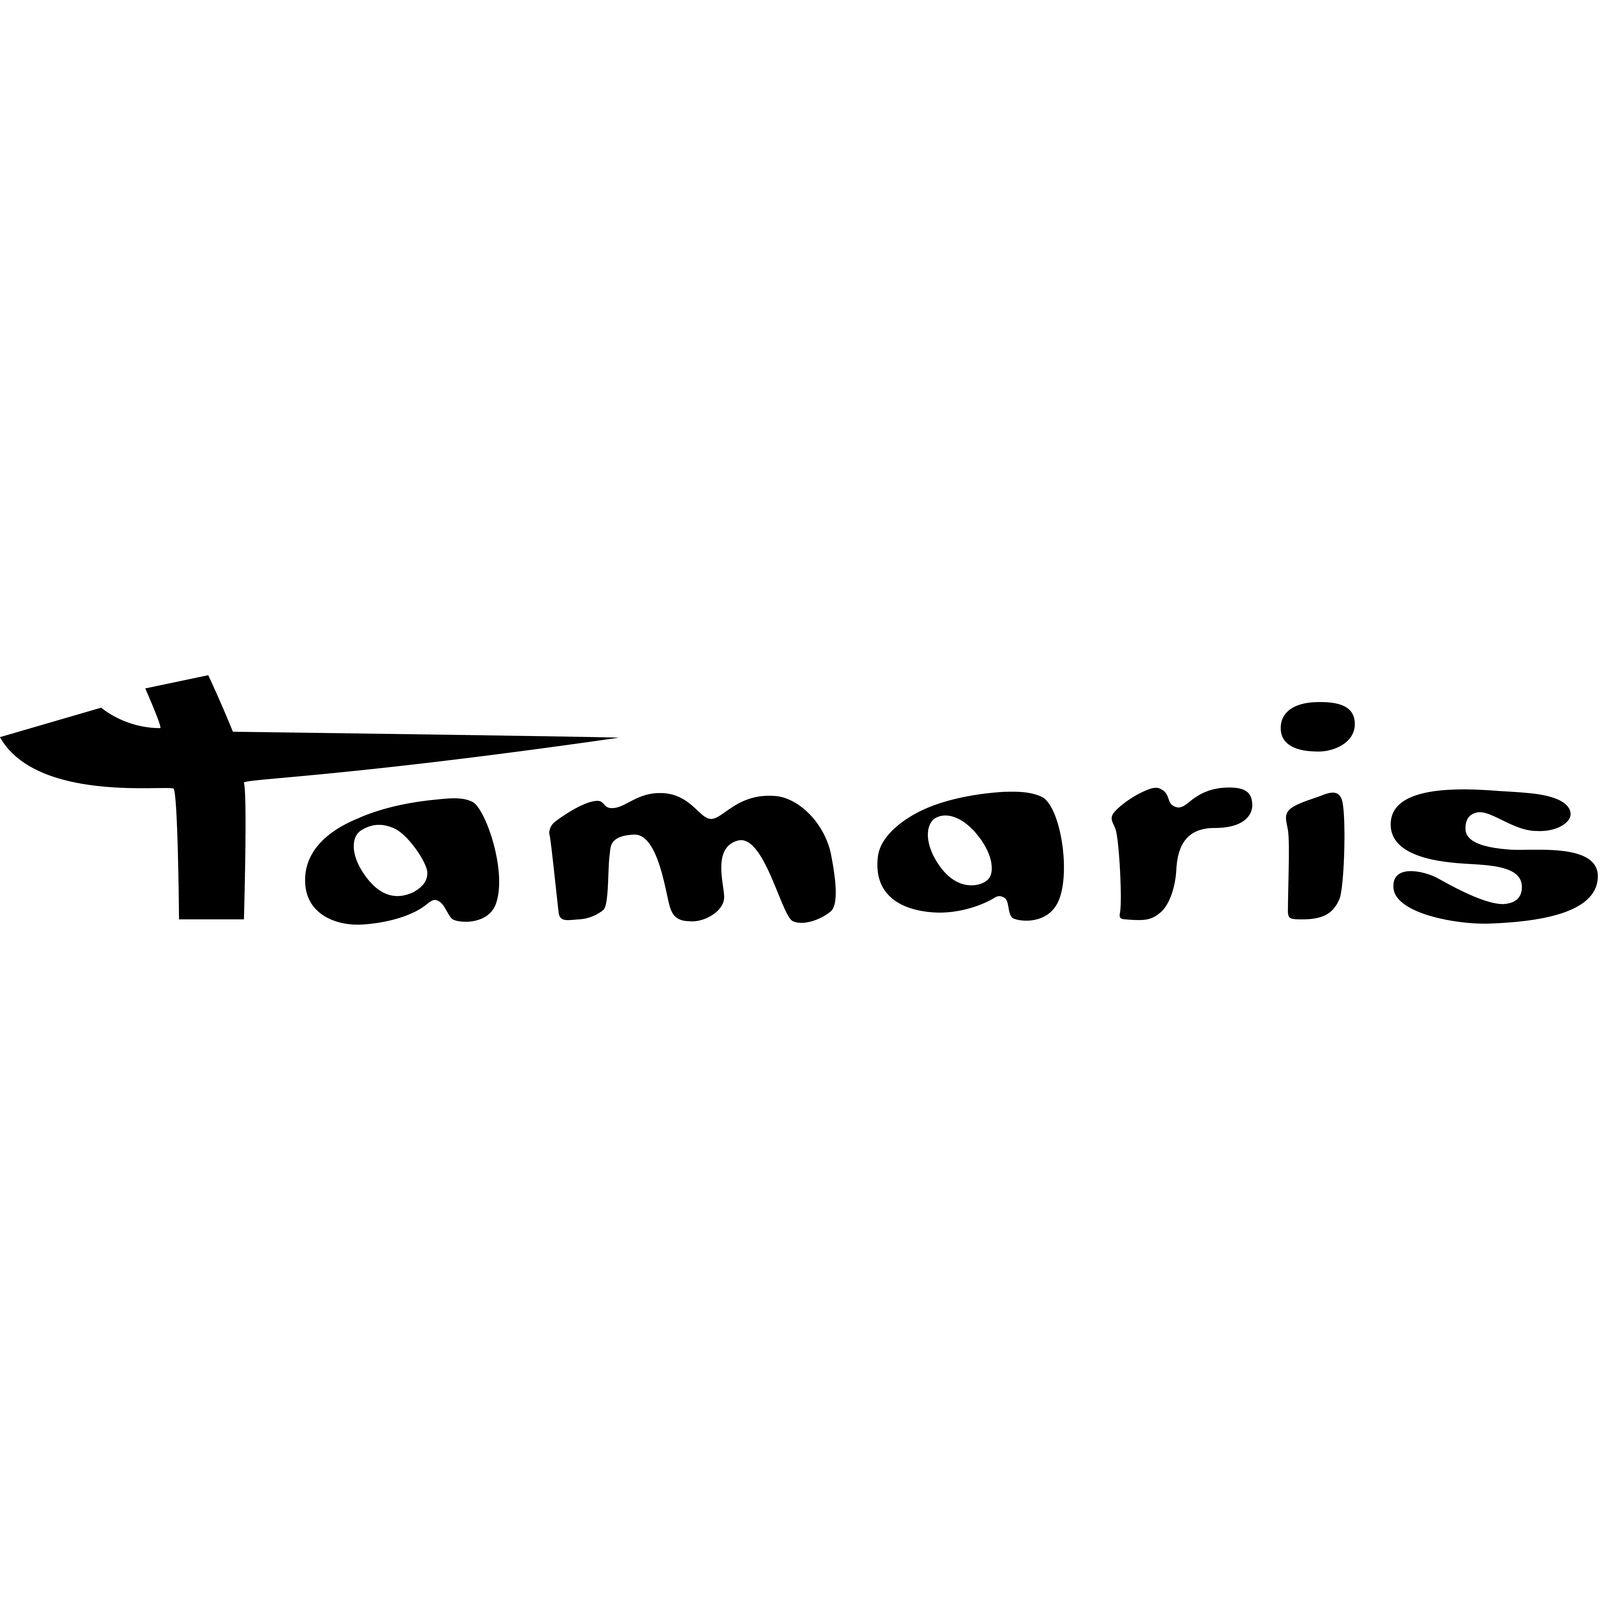 Tamaris (Image 1)